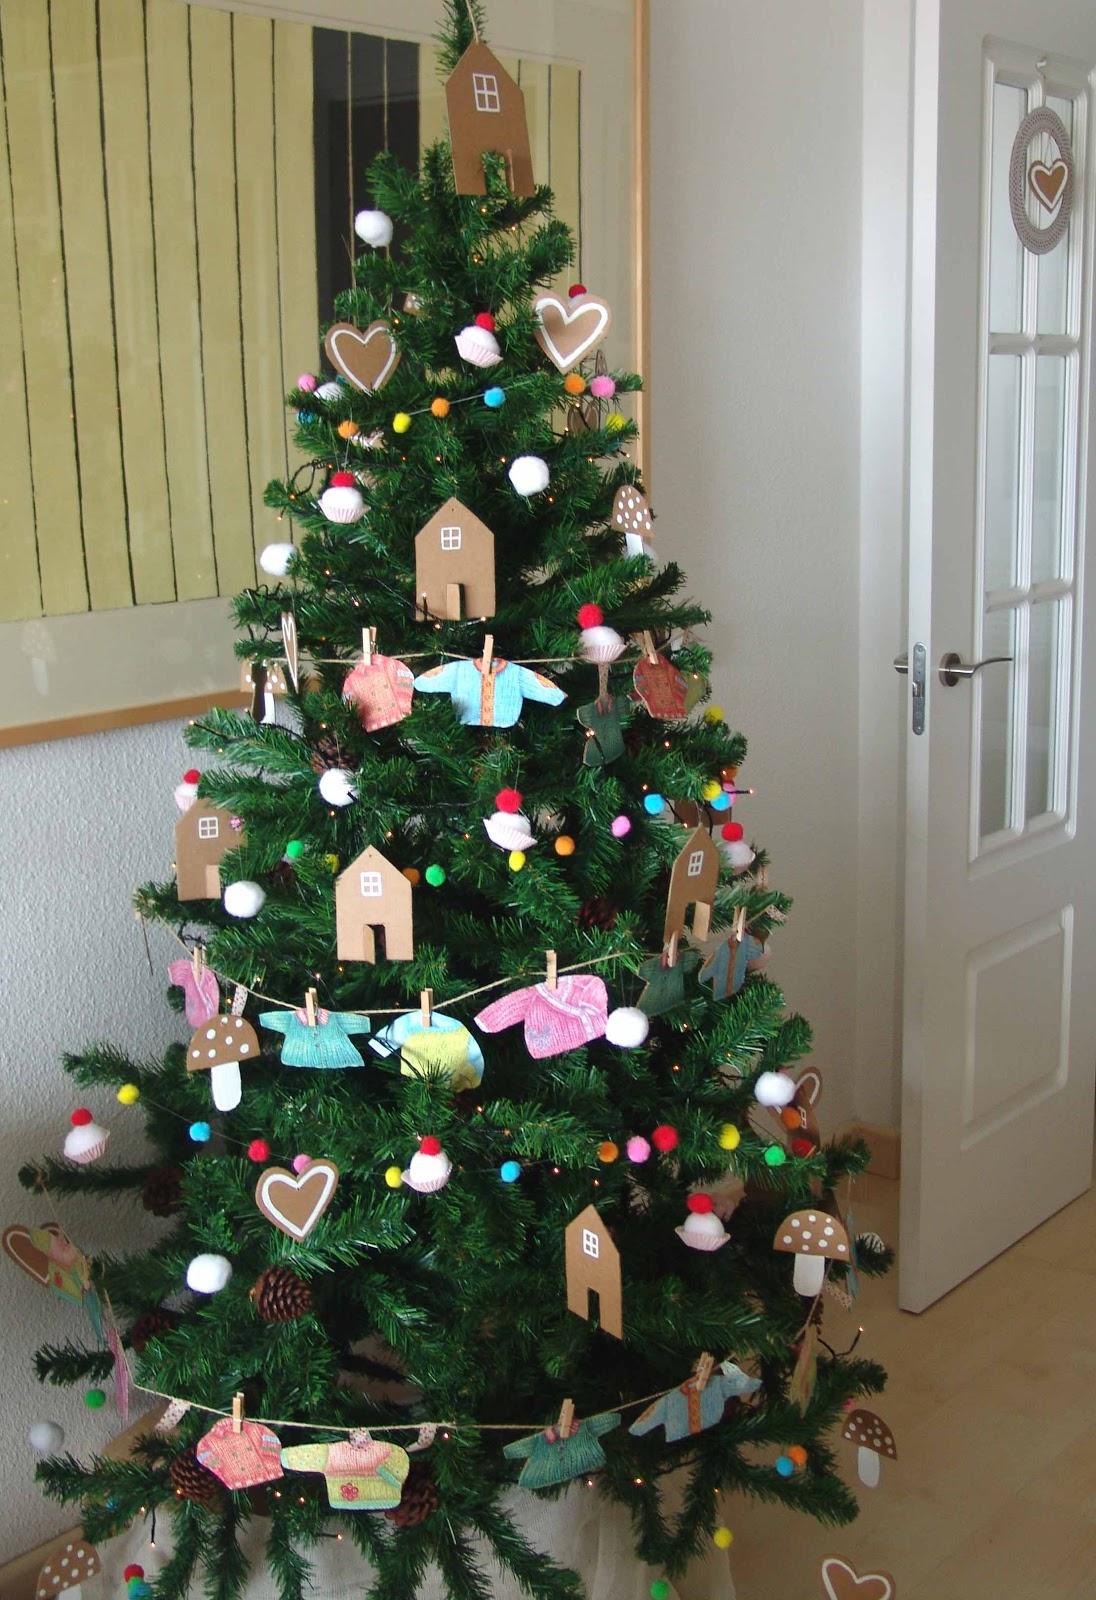 Lalibelula adornos para el arbol de navidad hechos a mano - Adornos para el arbol de navidad ...